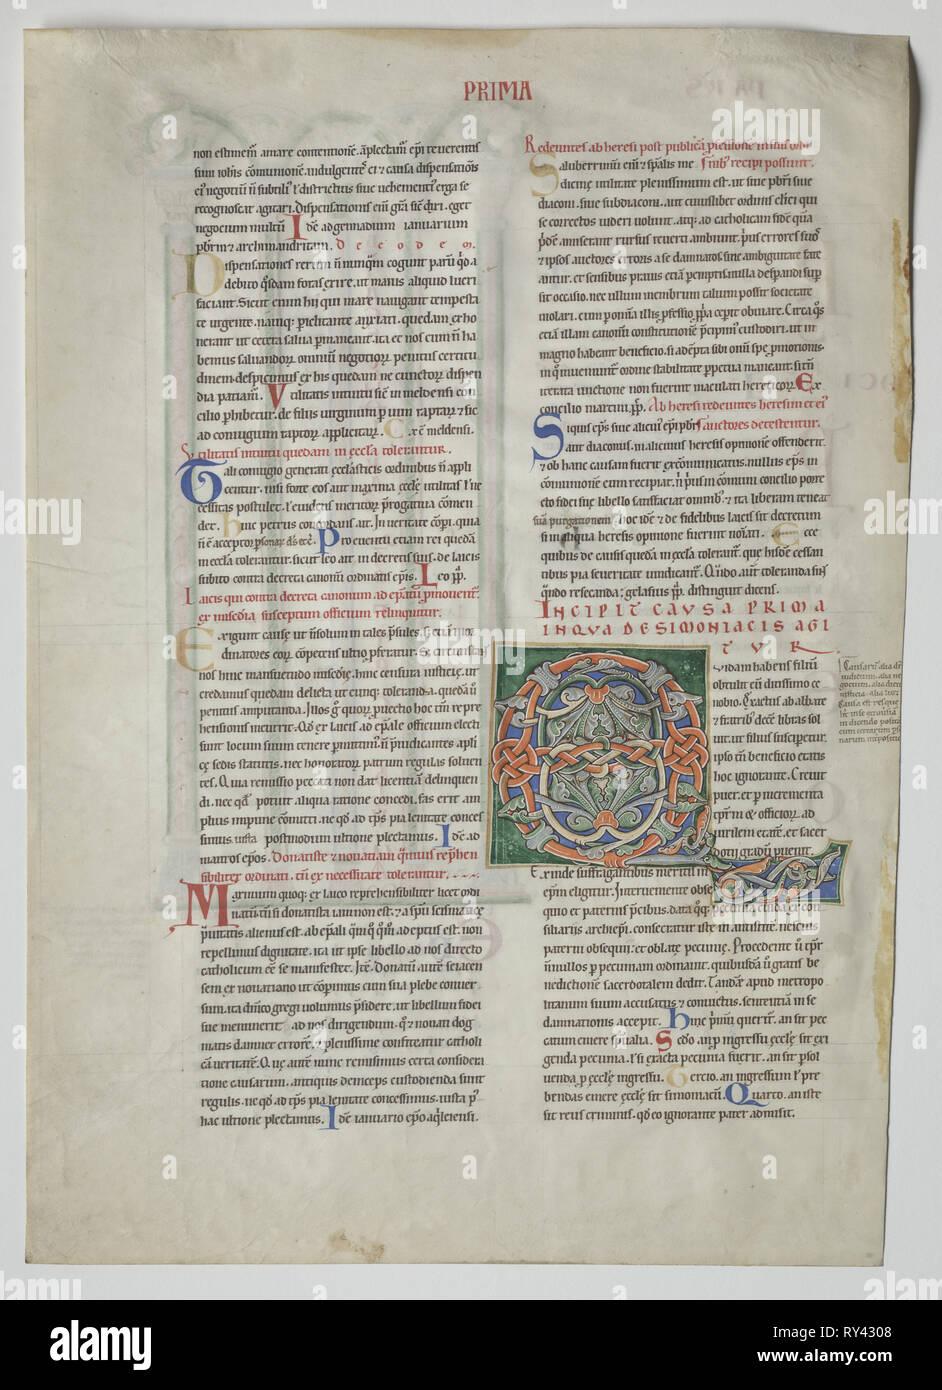 A partir de una sola hoja Decretum de Graciano: Decorado inicial[Q] obtulit uidam habens filium, c. 1160-1165. Francia, Borgoña, Archidiócesis de Sens, Abadía de Pontigny, siglo xii. Tinta y témpera sobre pergamino; hoja: 44,8 x 32 cm (17 5/8 x 12 5/8 pulg.); enmarcada: 63,5 x 48,3 cm (25 x 19 pulg.); mate: 55,9 x 40,6 cm (22 x 16 Foto de stock